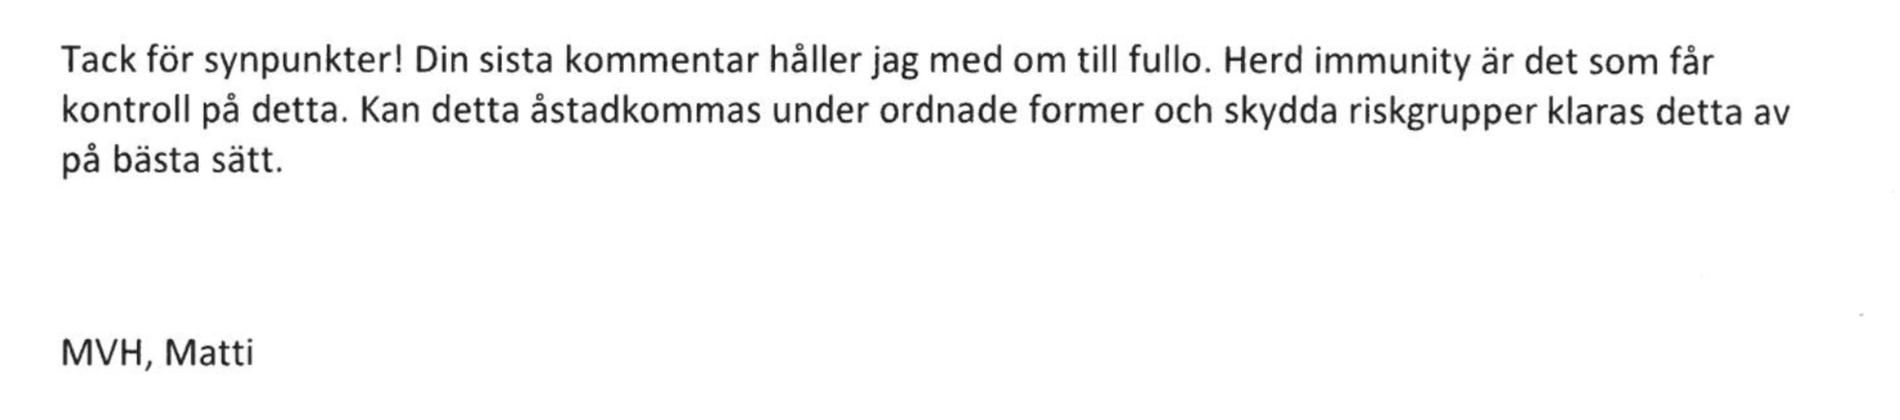 """Professor Matti Sällberg mejlade i mars om att det är flockimmunitet som """"får kontroll på detta""""."""